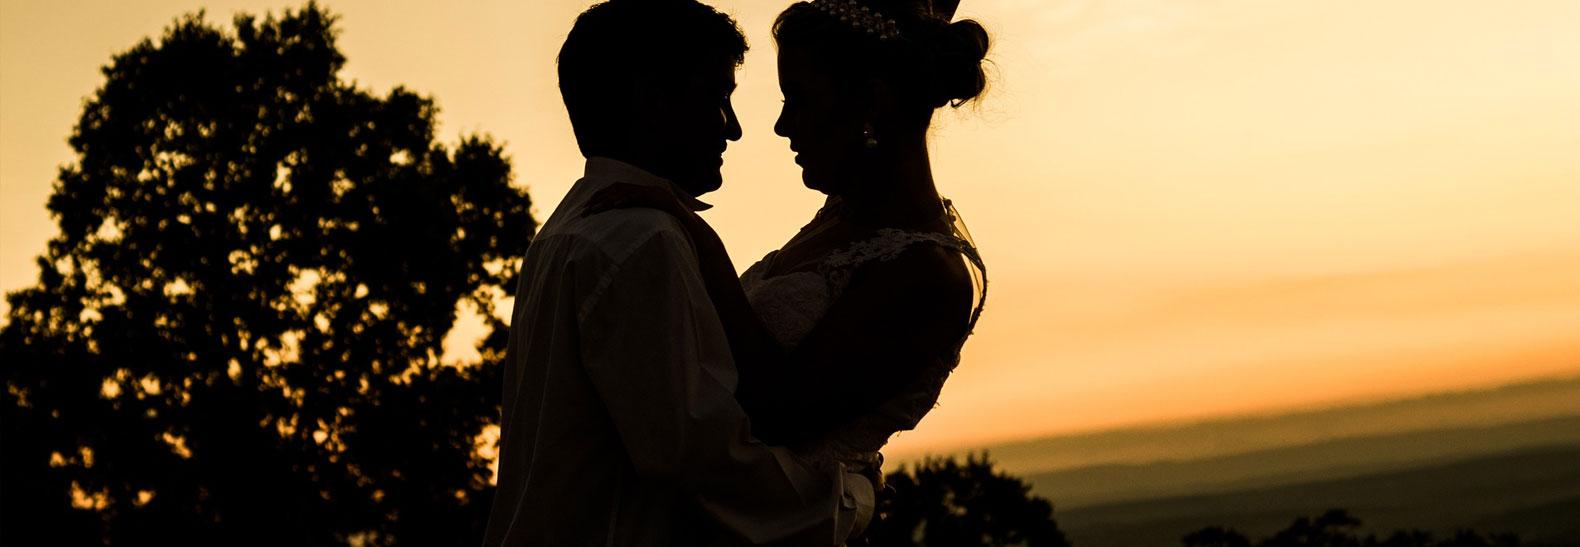 Busta Matrimonio Toscana : Partecipazioni di matrimonio: come invitare con classe abbazia di